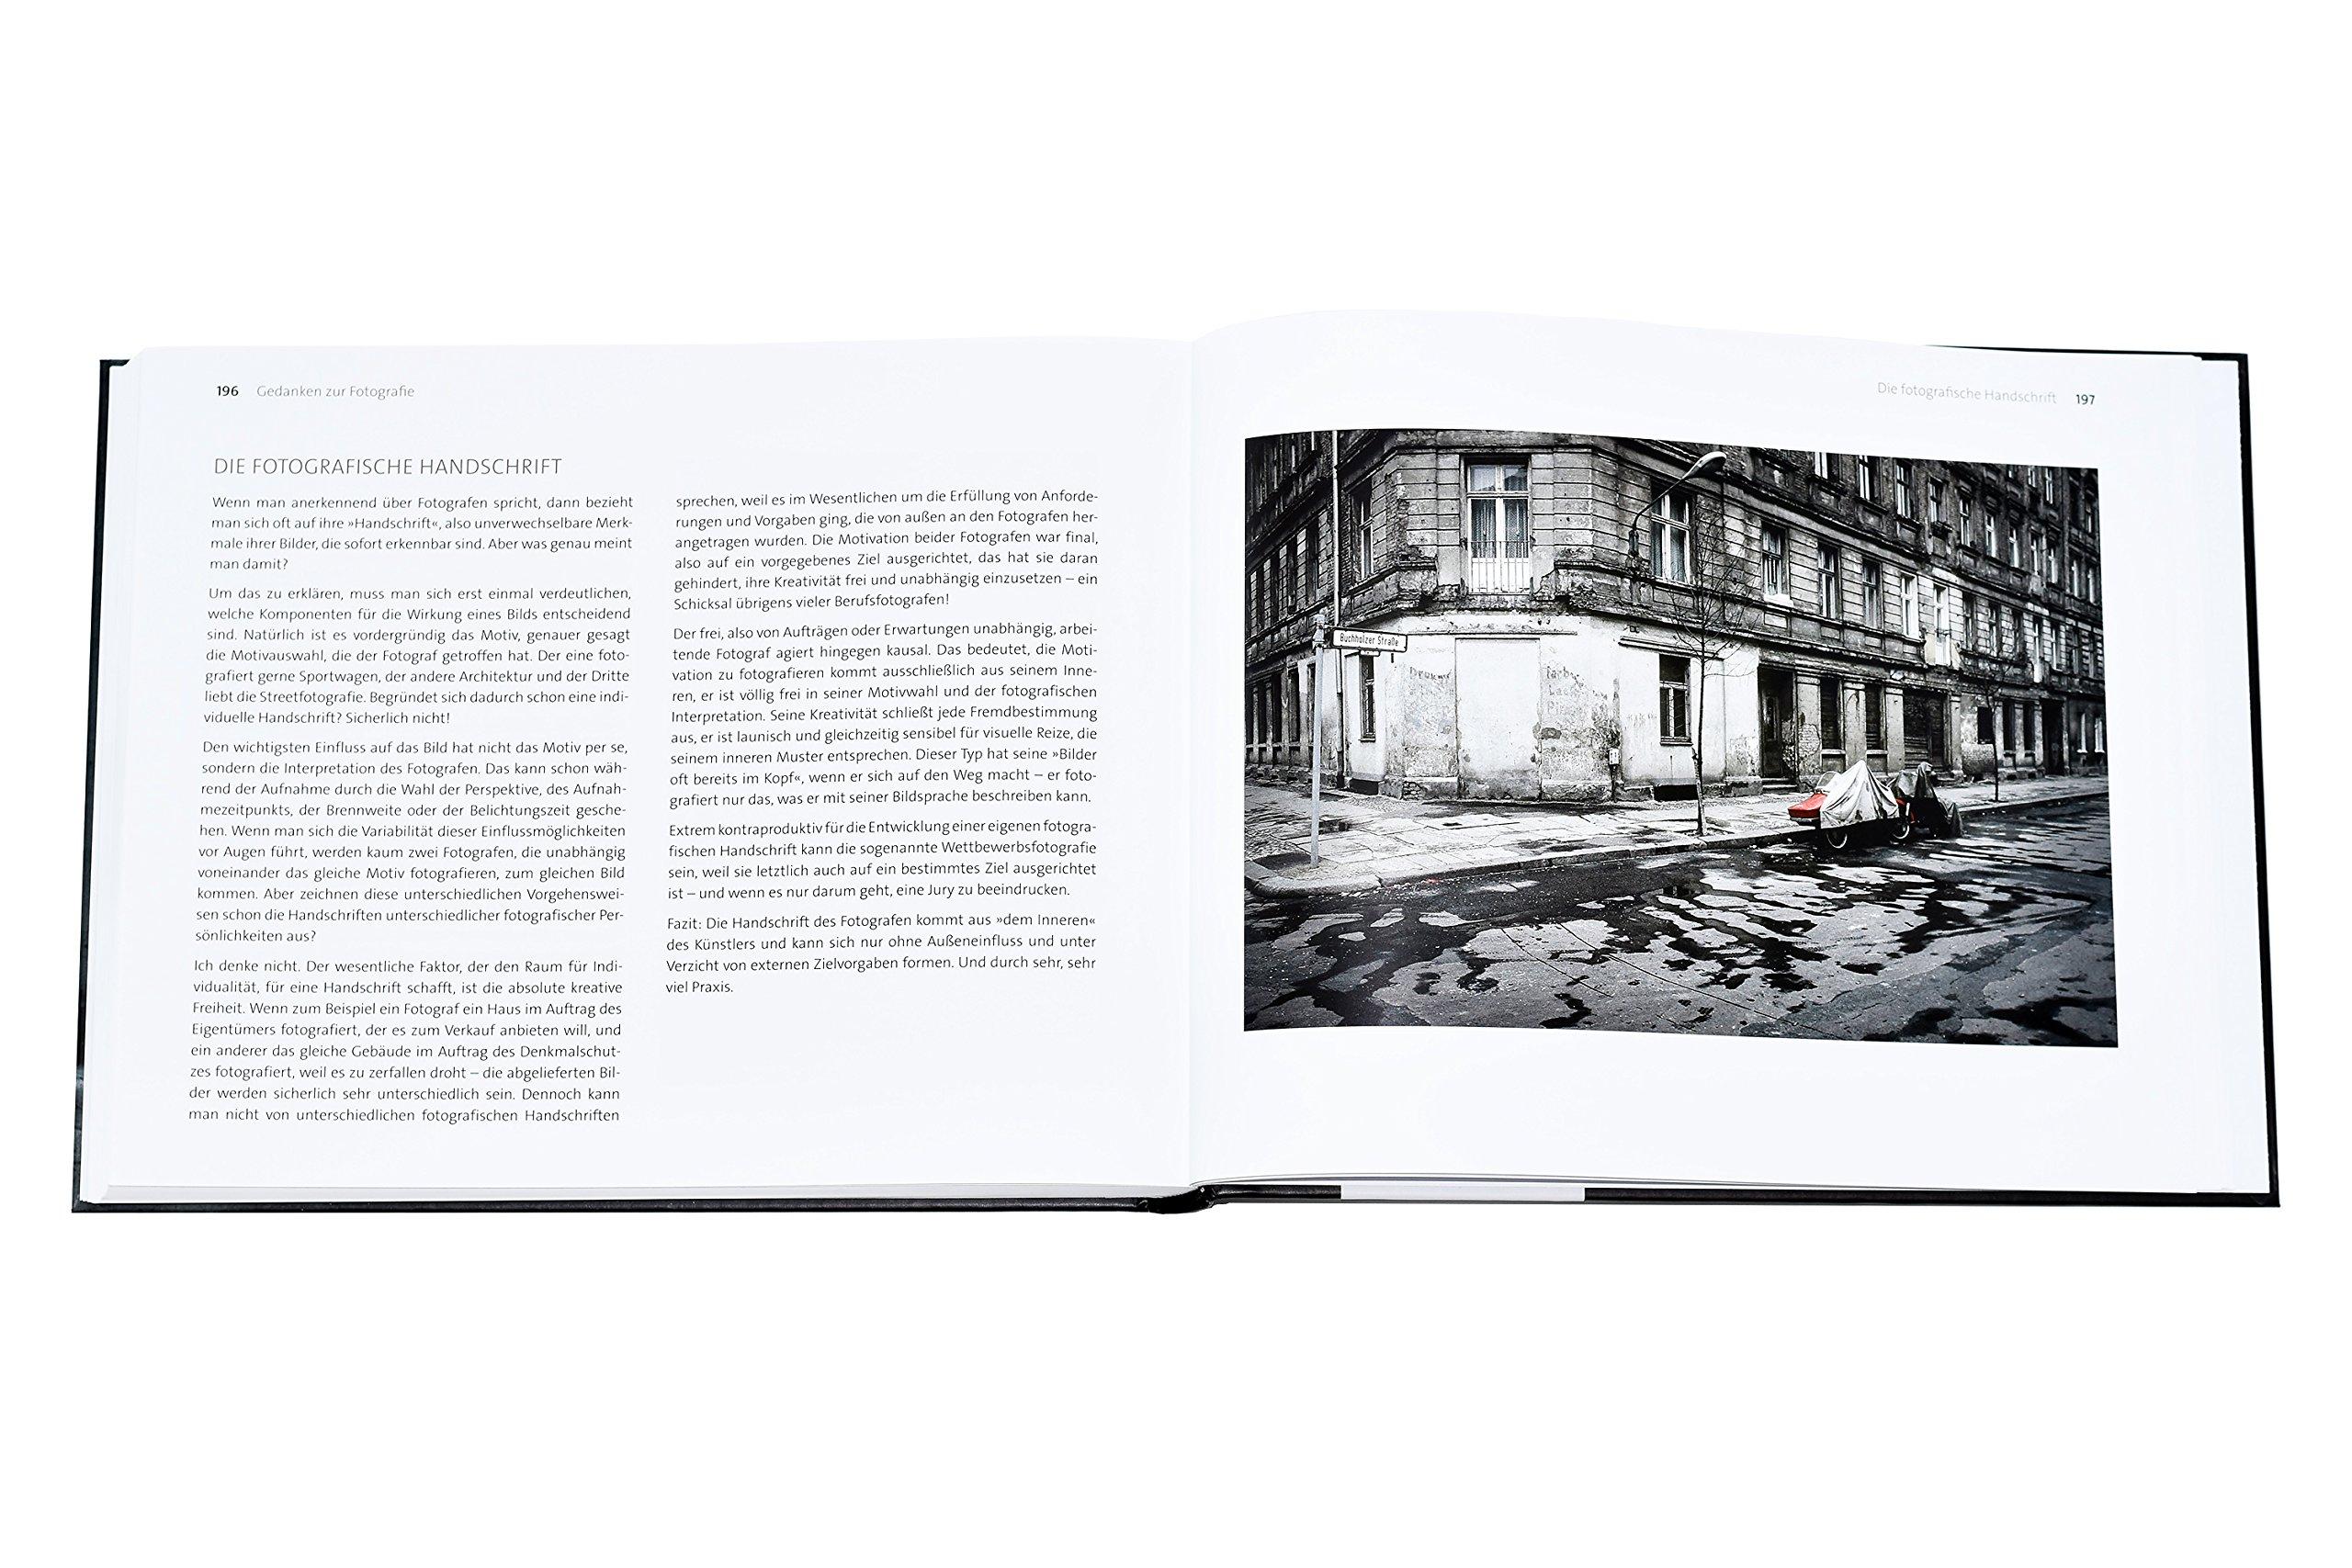 Die Kunst des Sehens  Fotografie - Verborgenes sichtbar machen  Amazon.de   Manfred Kriegelstein  Bücher 84b057561d